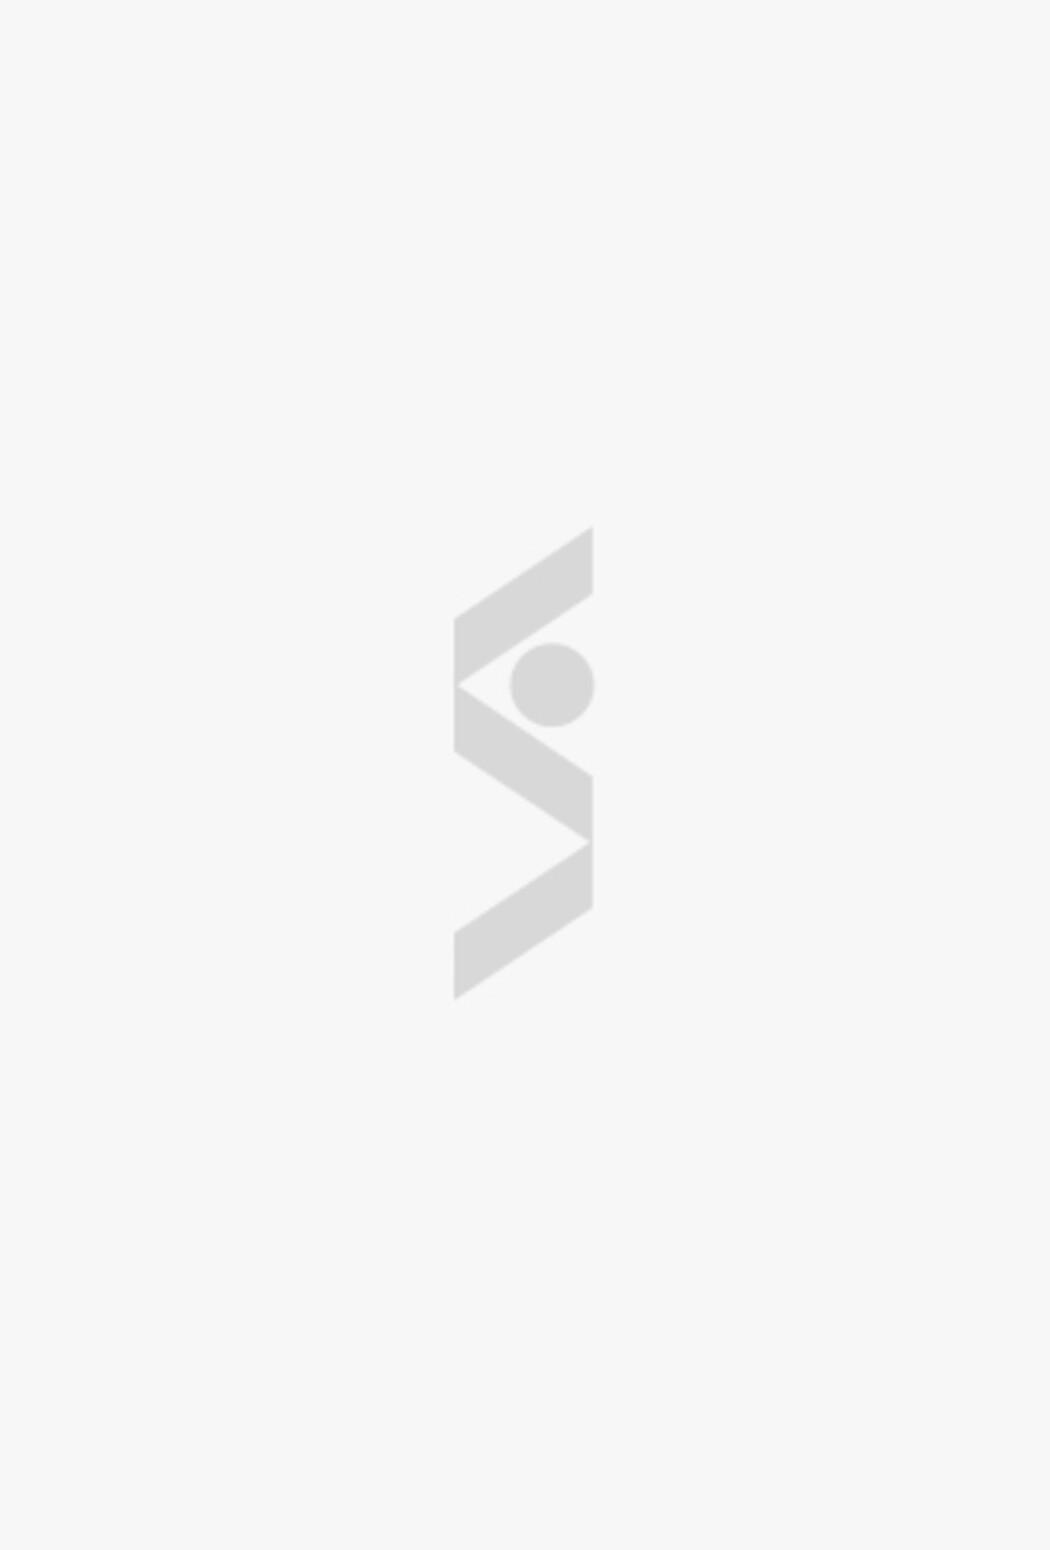 Кожаные босоножки Ever be - купить, цена 3990 ₽ в Москве в интернет-магазине СТОКМАНН